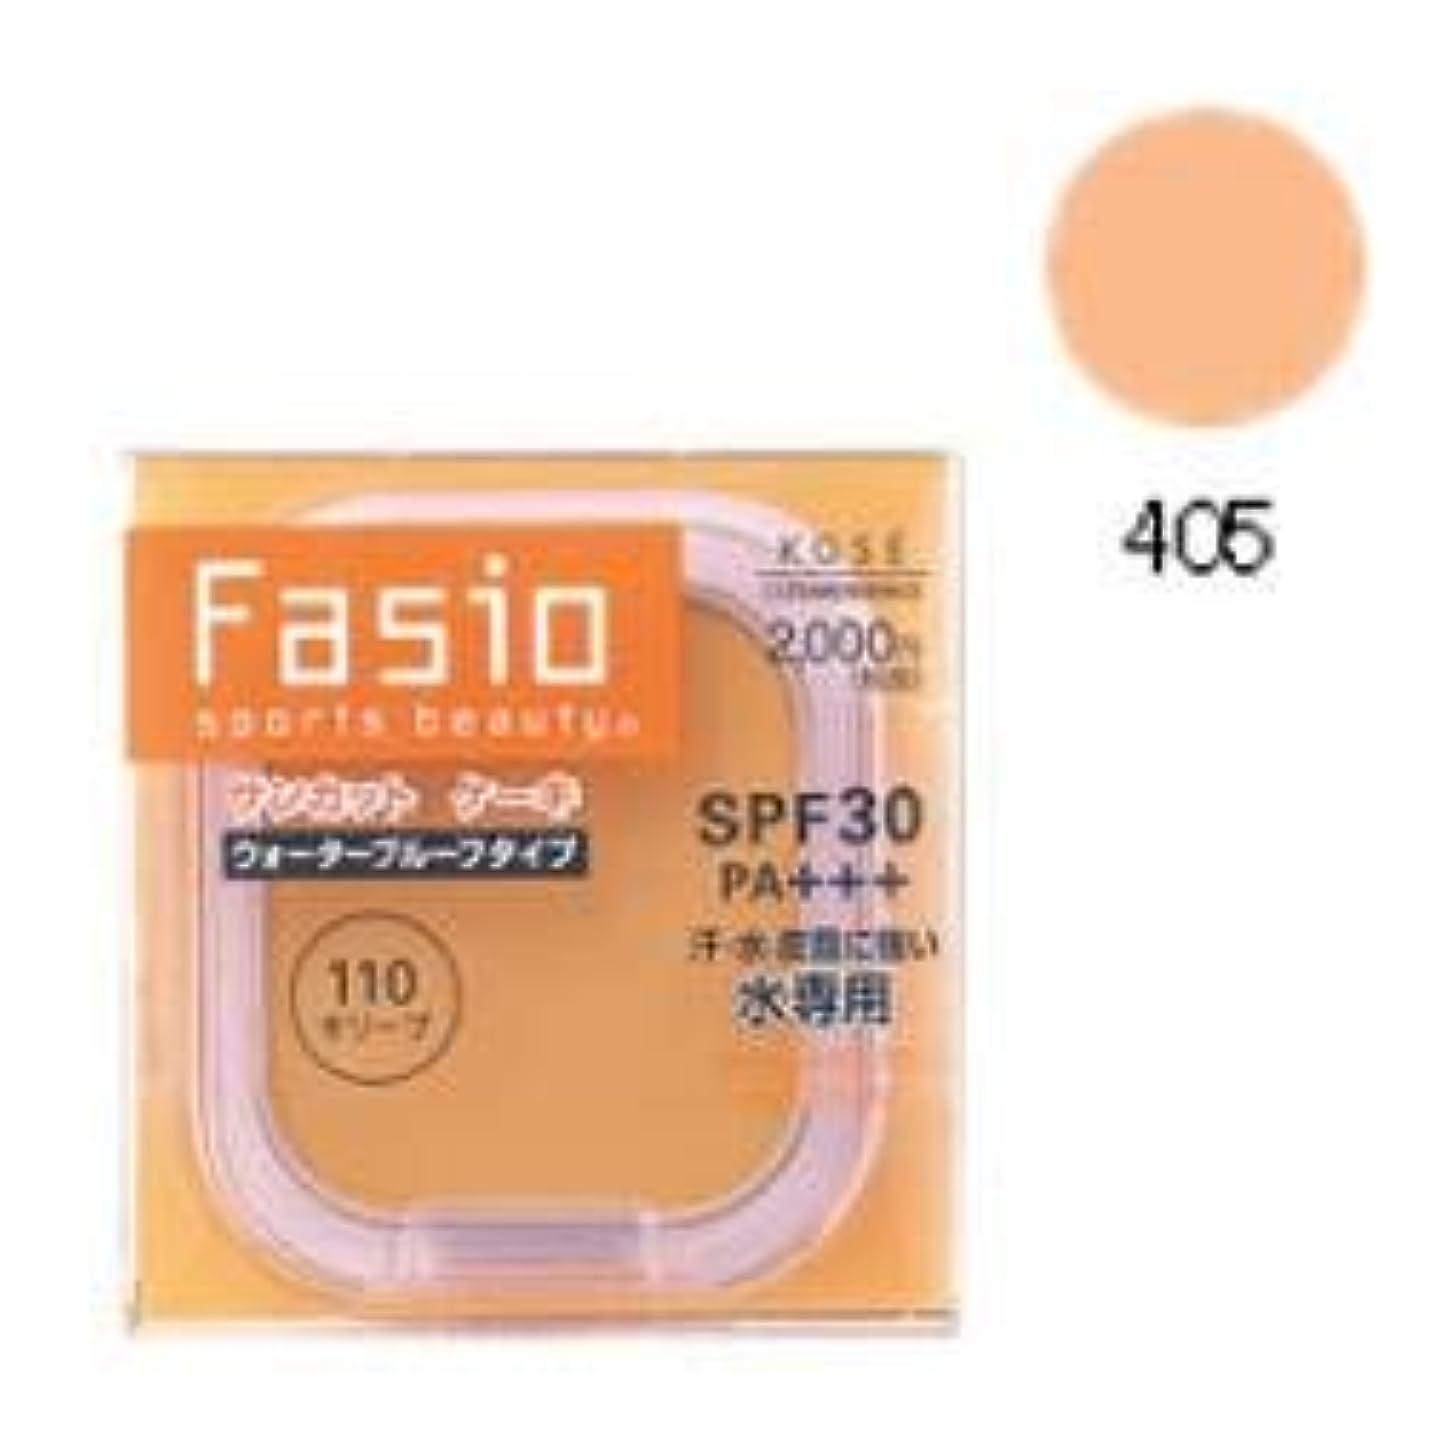 小競り合い破壊的読者コーセー Fasio ファシオ サンカット ケーキ 詰め替え用 405